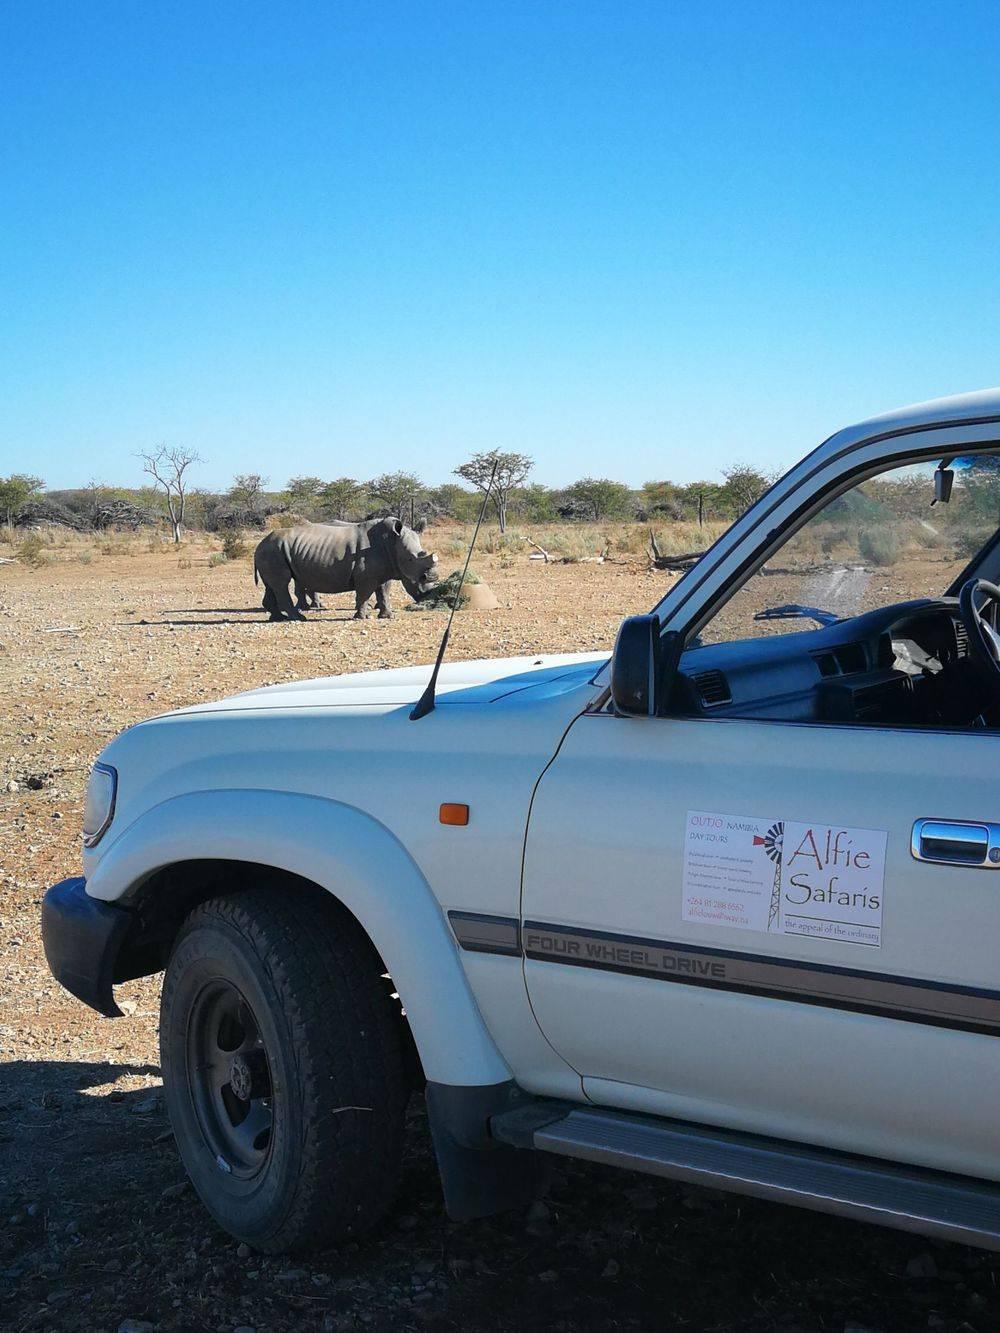 personalised, rhino viewings, rhinoceros namibia, white rhinos, animals outjo, anmial viewings namibia, alfie, alfie safaris, alfielouwnam, activities outjo, to do near outjo, specialised animal, nature tour outjo, day tours outjo, etosha pans, etosha